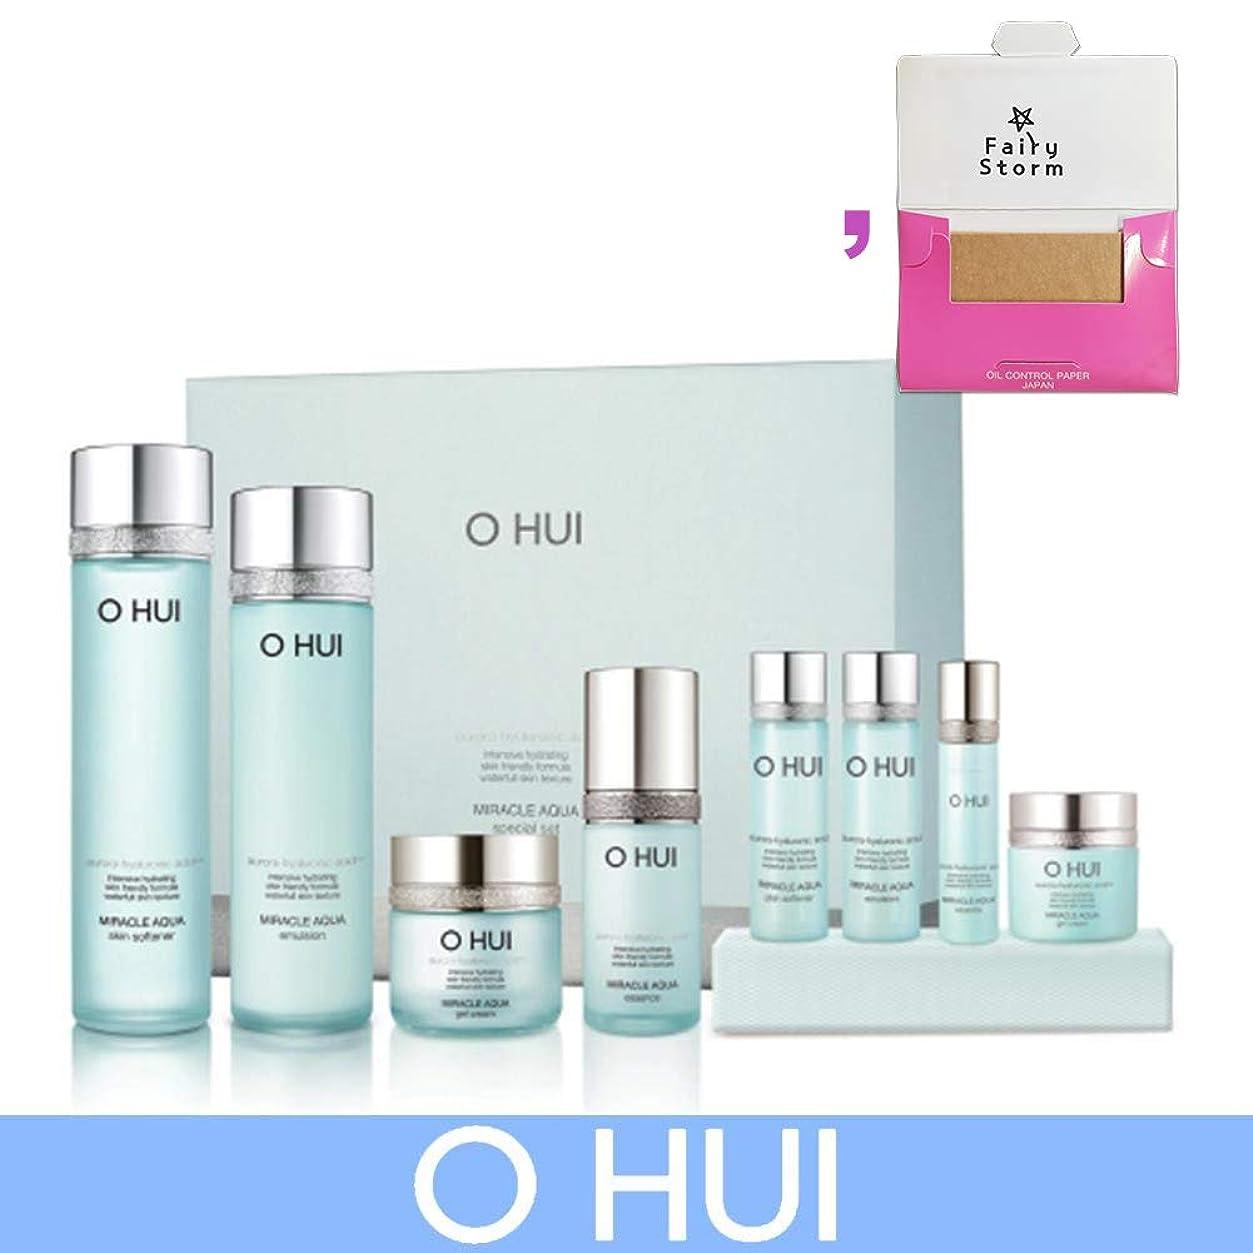 記録写真の里親[オフィ/O HUI]韓国化粧品 LG生活健康/O HUI MIRACLE AQUA SPECIAL SET/ミラクル アクア 4種セット + [Sample Gift](海外直送品)